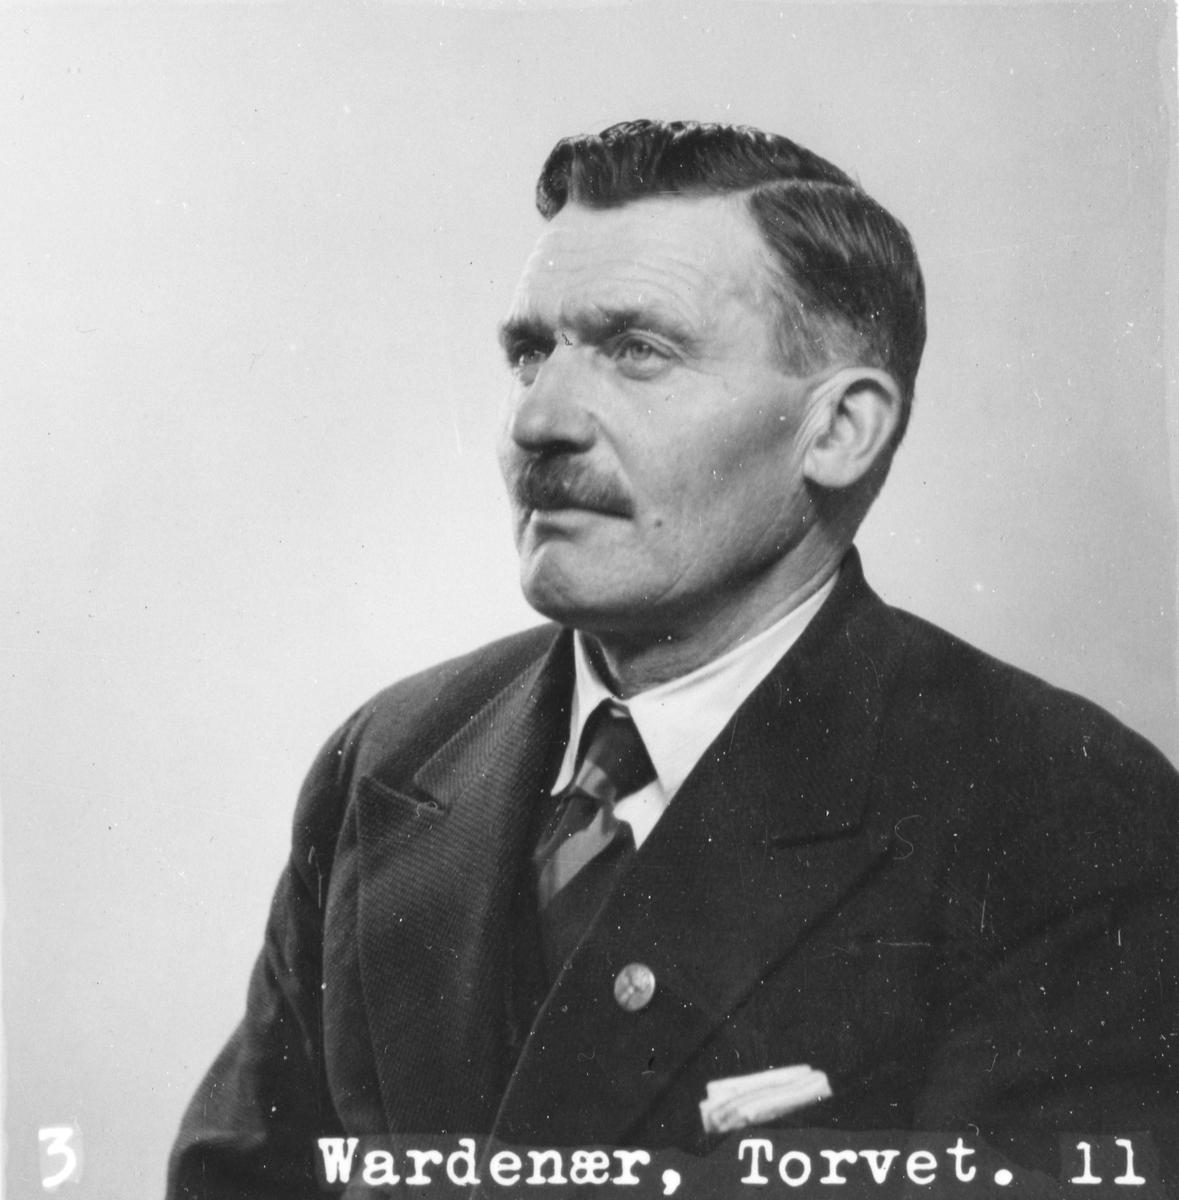 Portrett av Jon Sundby (1891 - 1983)